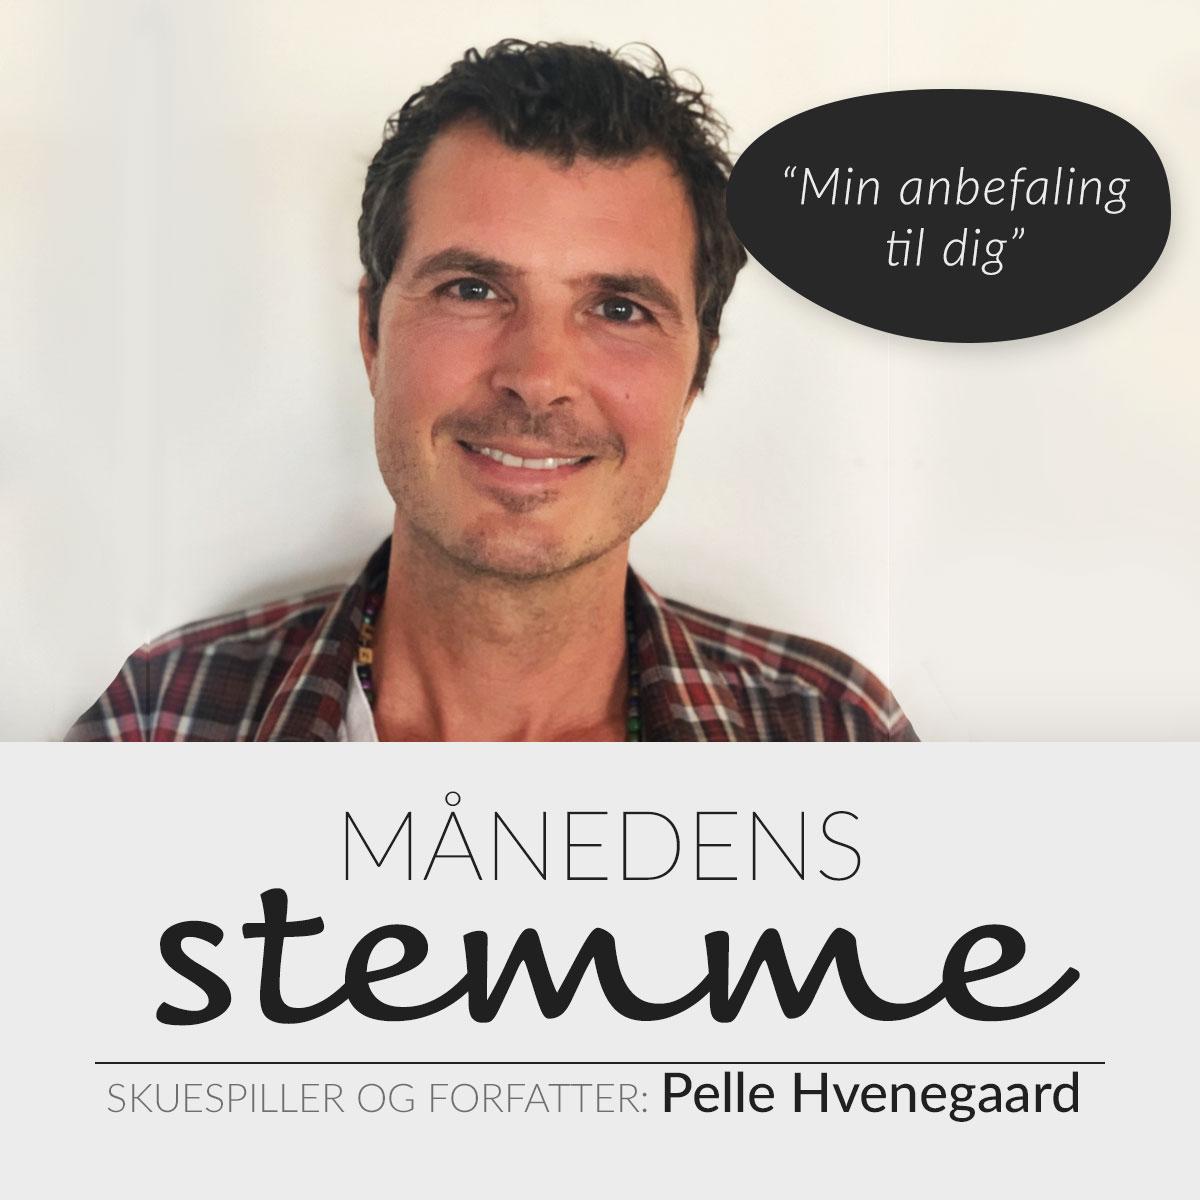 Forfatter og skuespiller Pelle Hvenegaard anbefaler